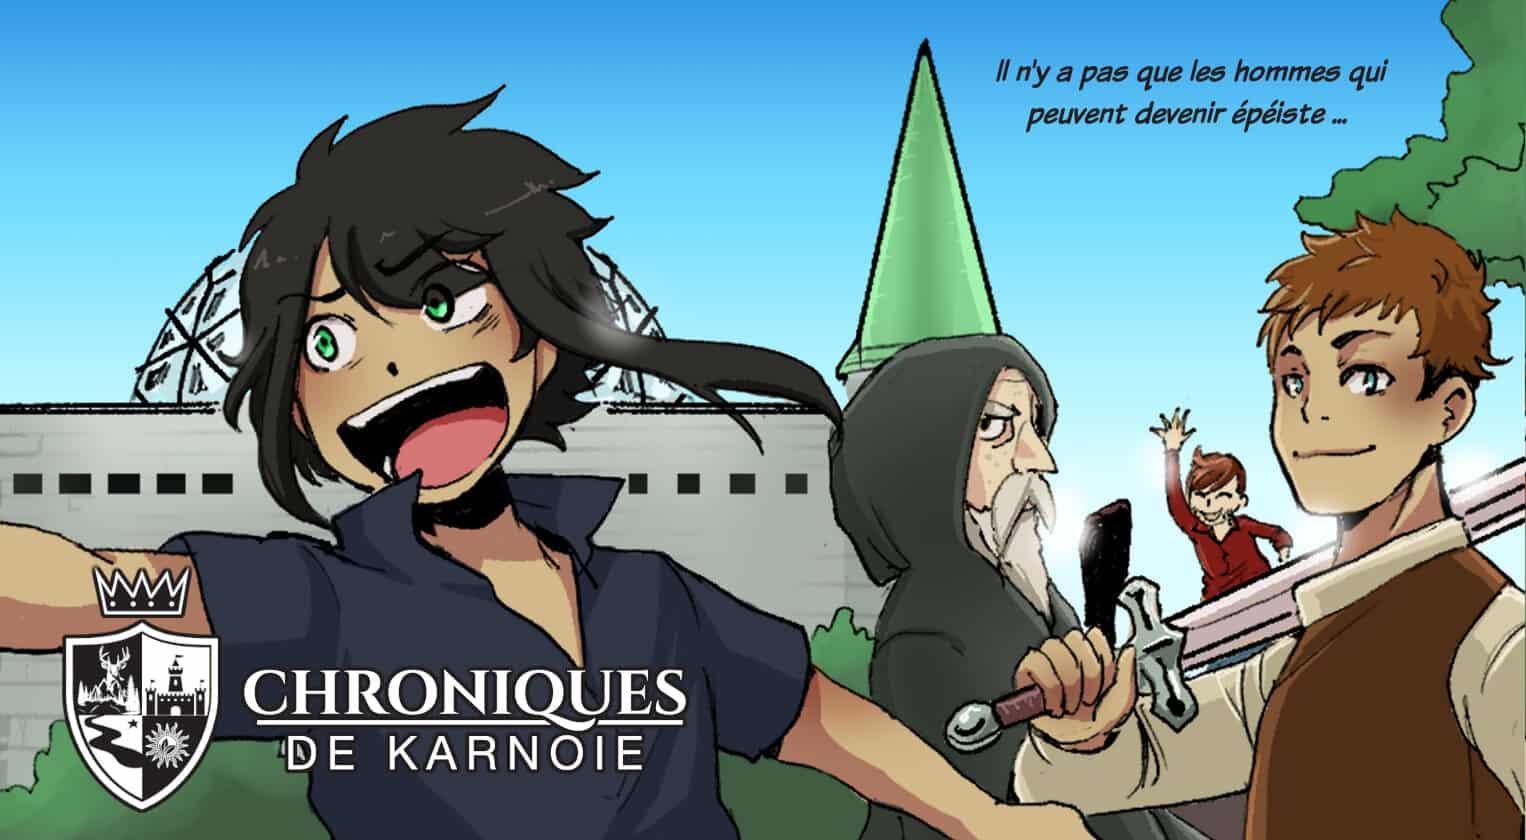 les-chroniques-de-karnoie - scan gratuit manga en ligne manga scan gratuit bayday